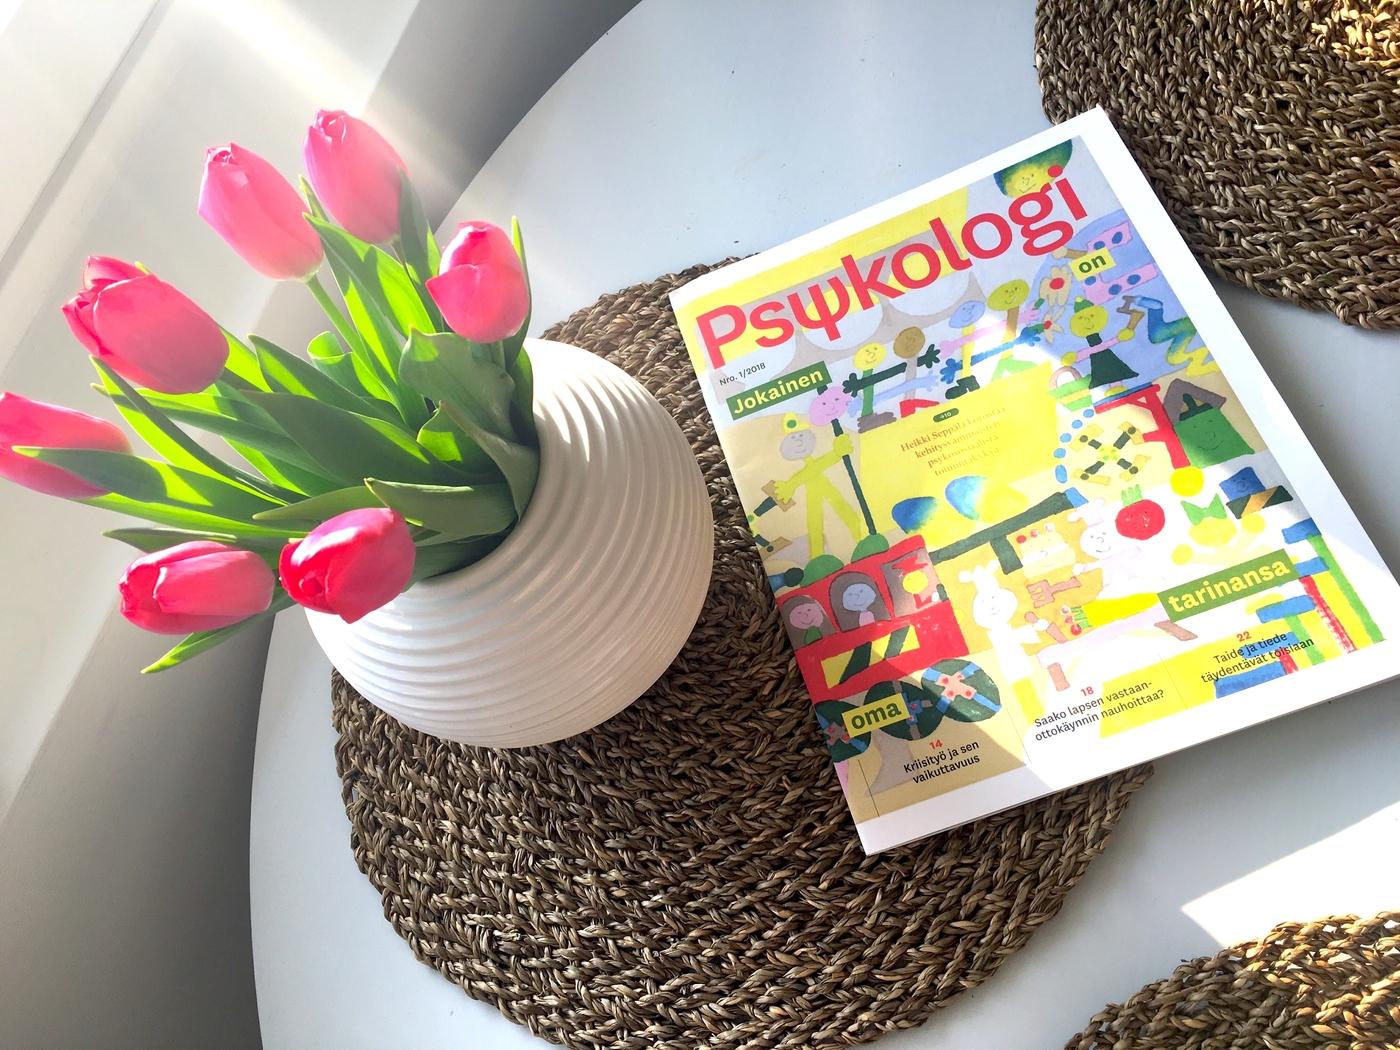 Mietteitä Jyväskylän psykologian pääsykoeartikkeleista 2018